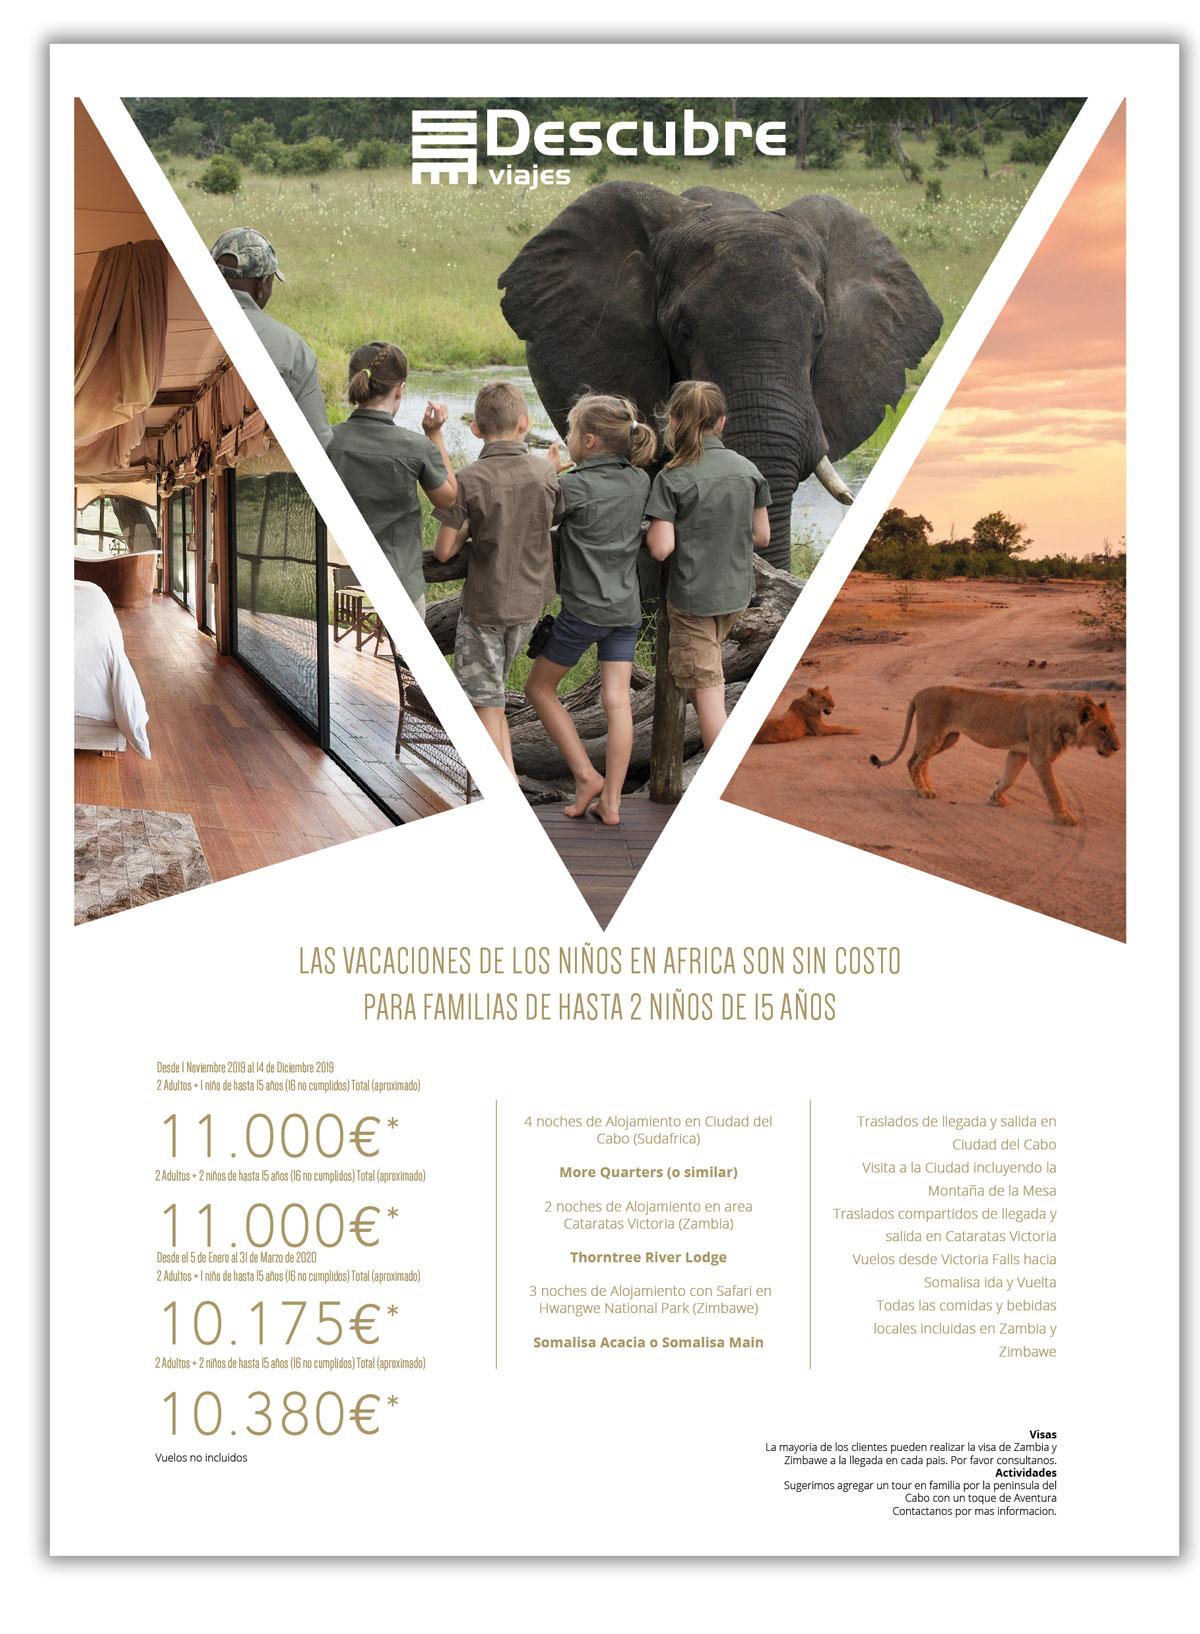 Las vacaciones de los niños en África son gratis